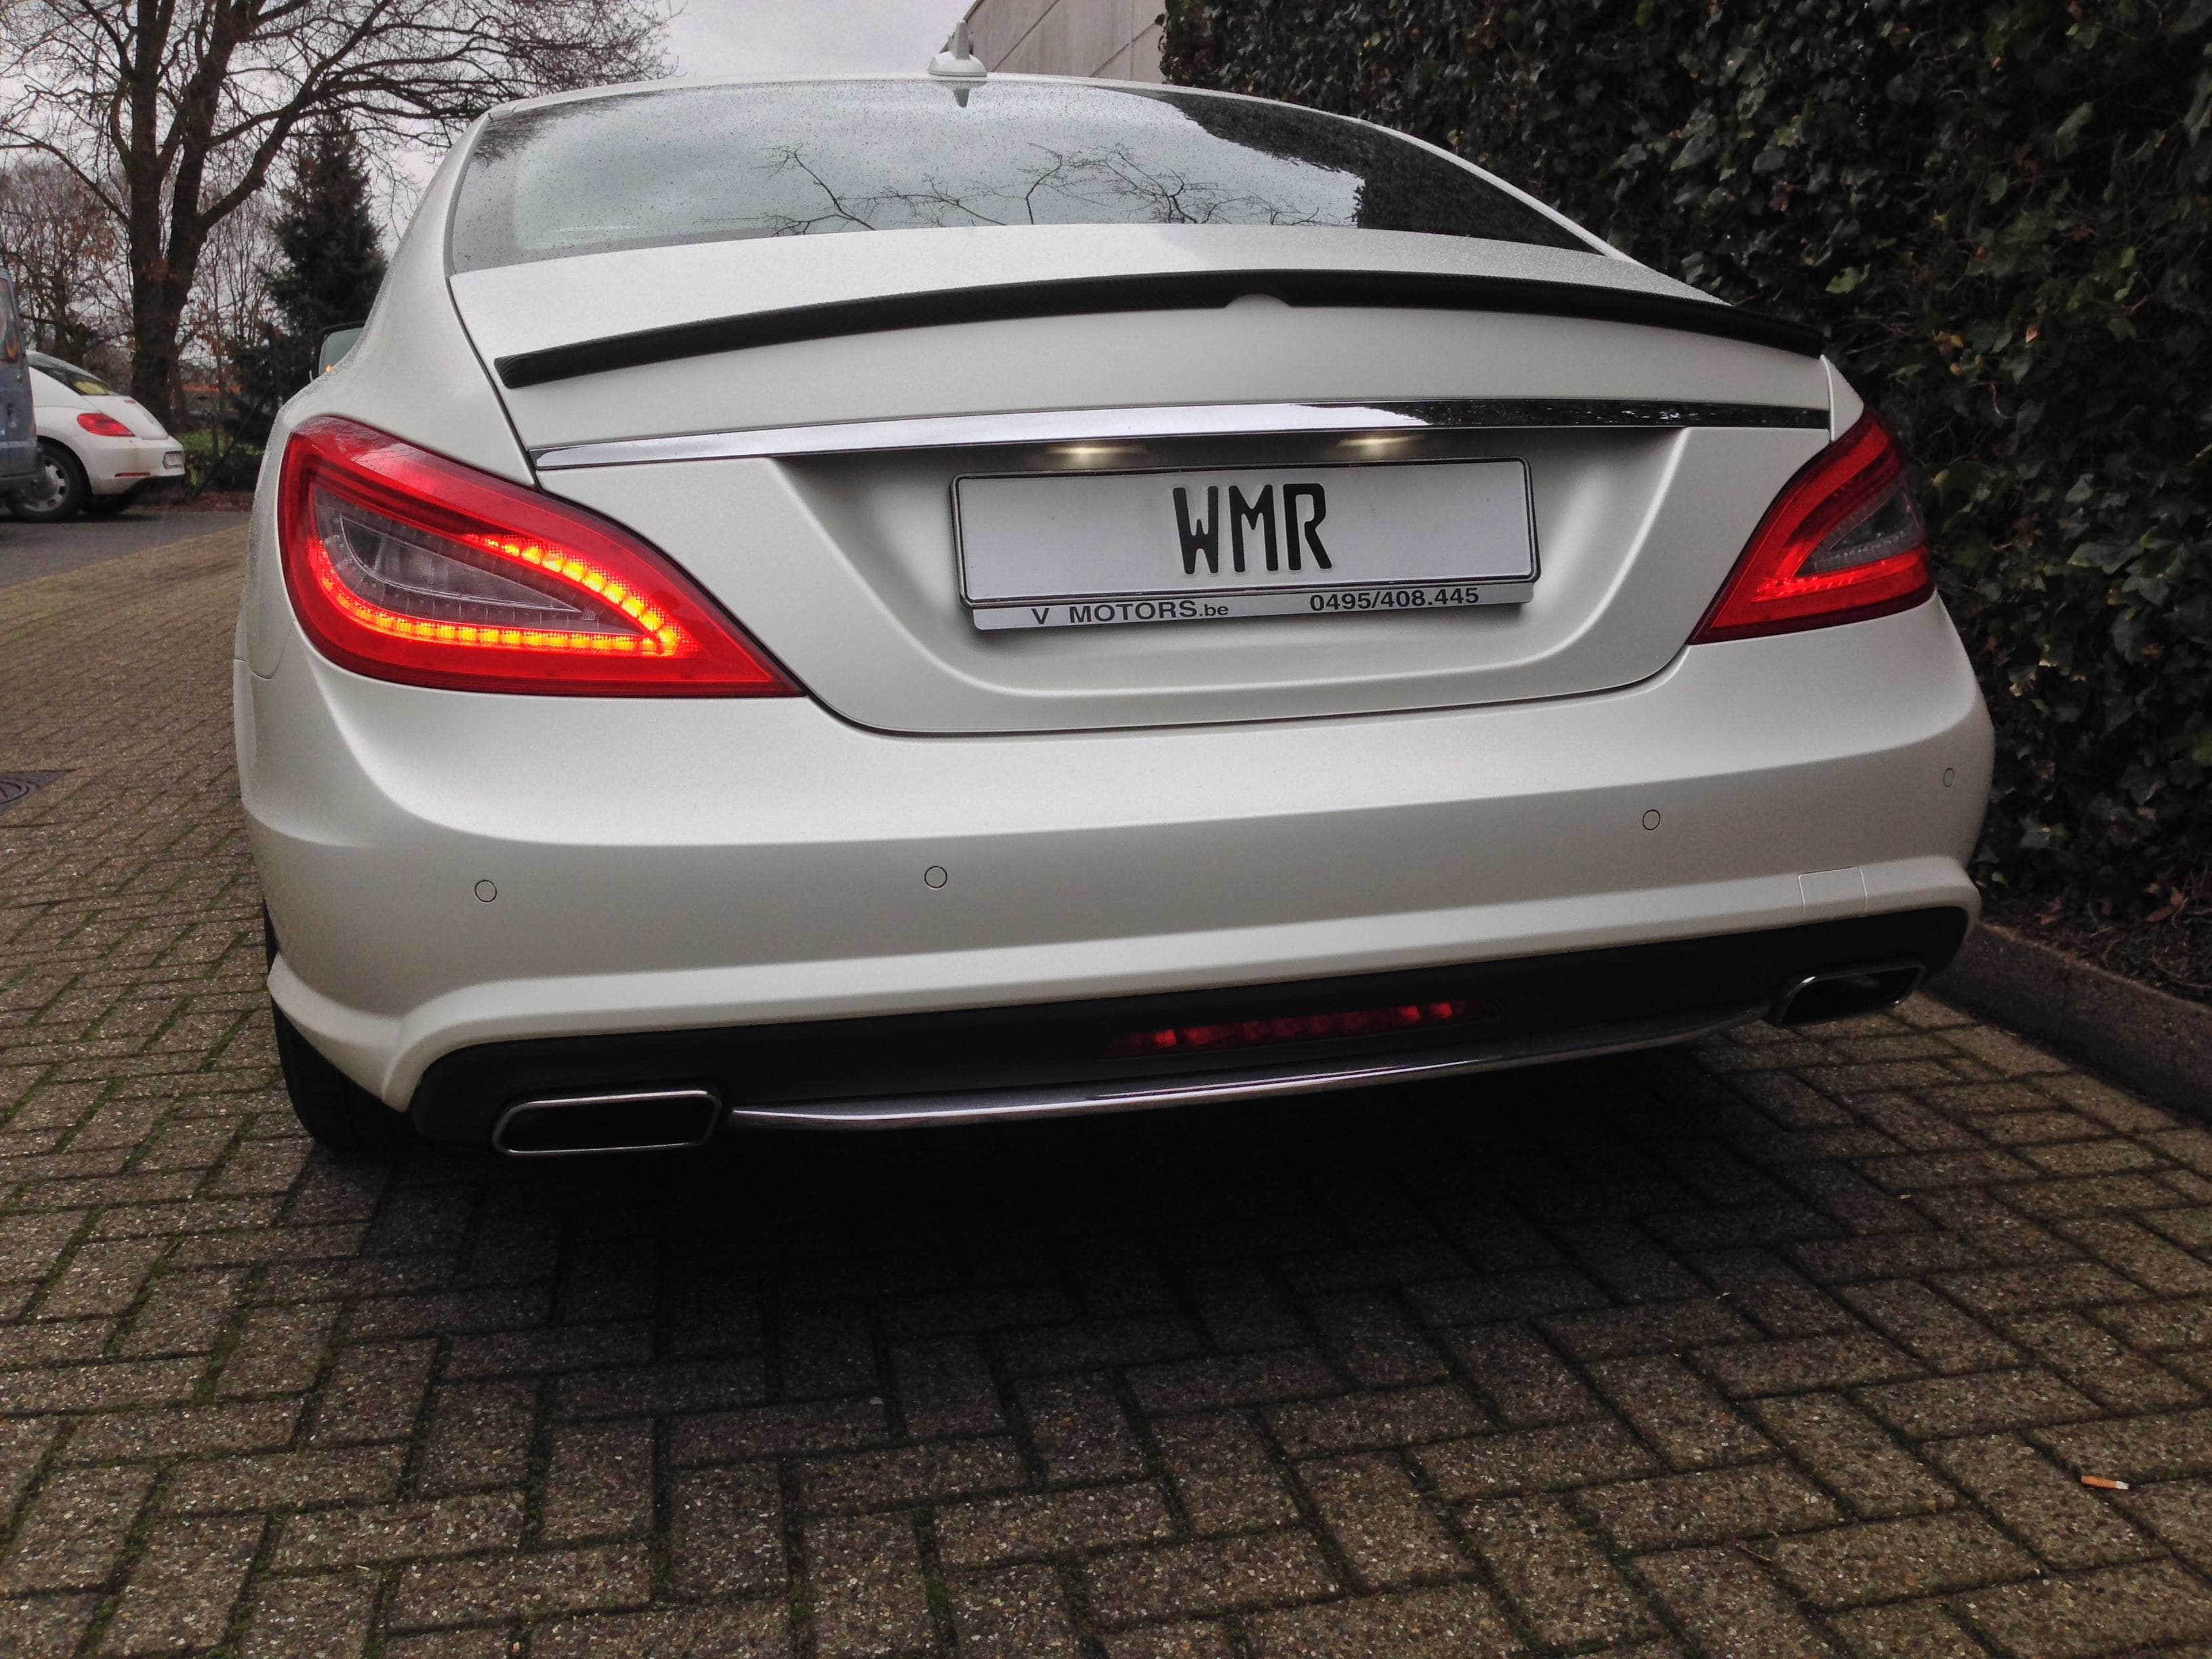 Mercedes CLS met White Satin Pearl Wrap, Carwrapping door Wrapmyride.nu Foto-nr:6212, ©2021